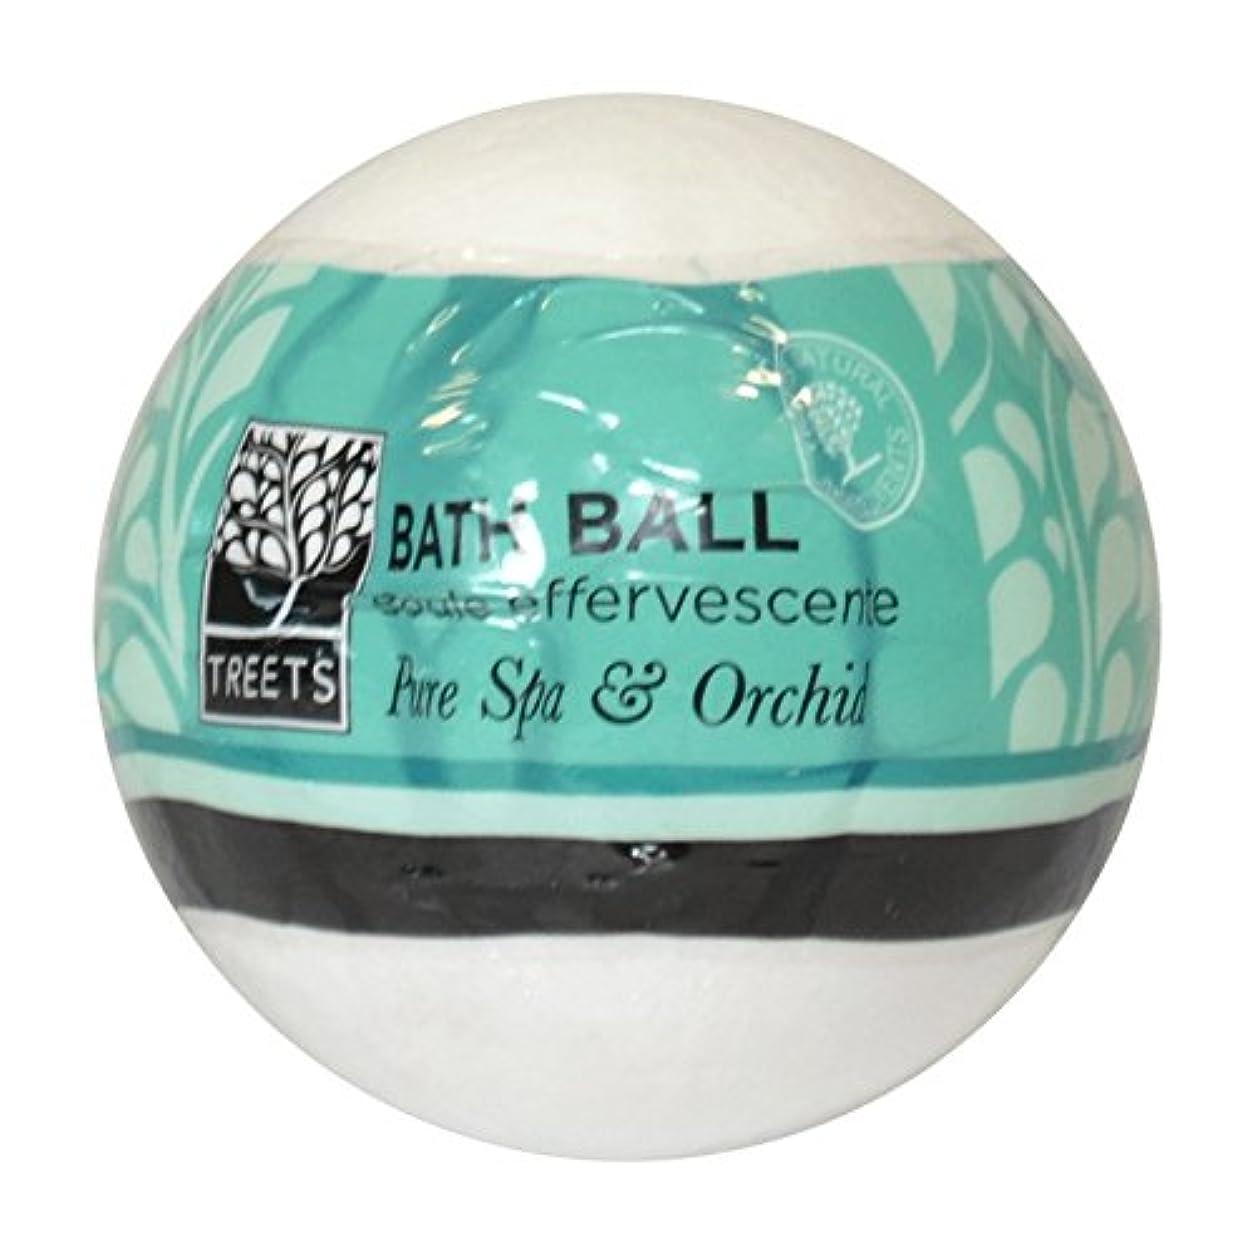 沿って警察水曜日Treets Orchid & Pure Spa Bath Ball (Pack of 6) - Treets蘭&純粋なスパバスボール (x6) [並行輸入品]